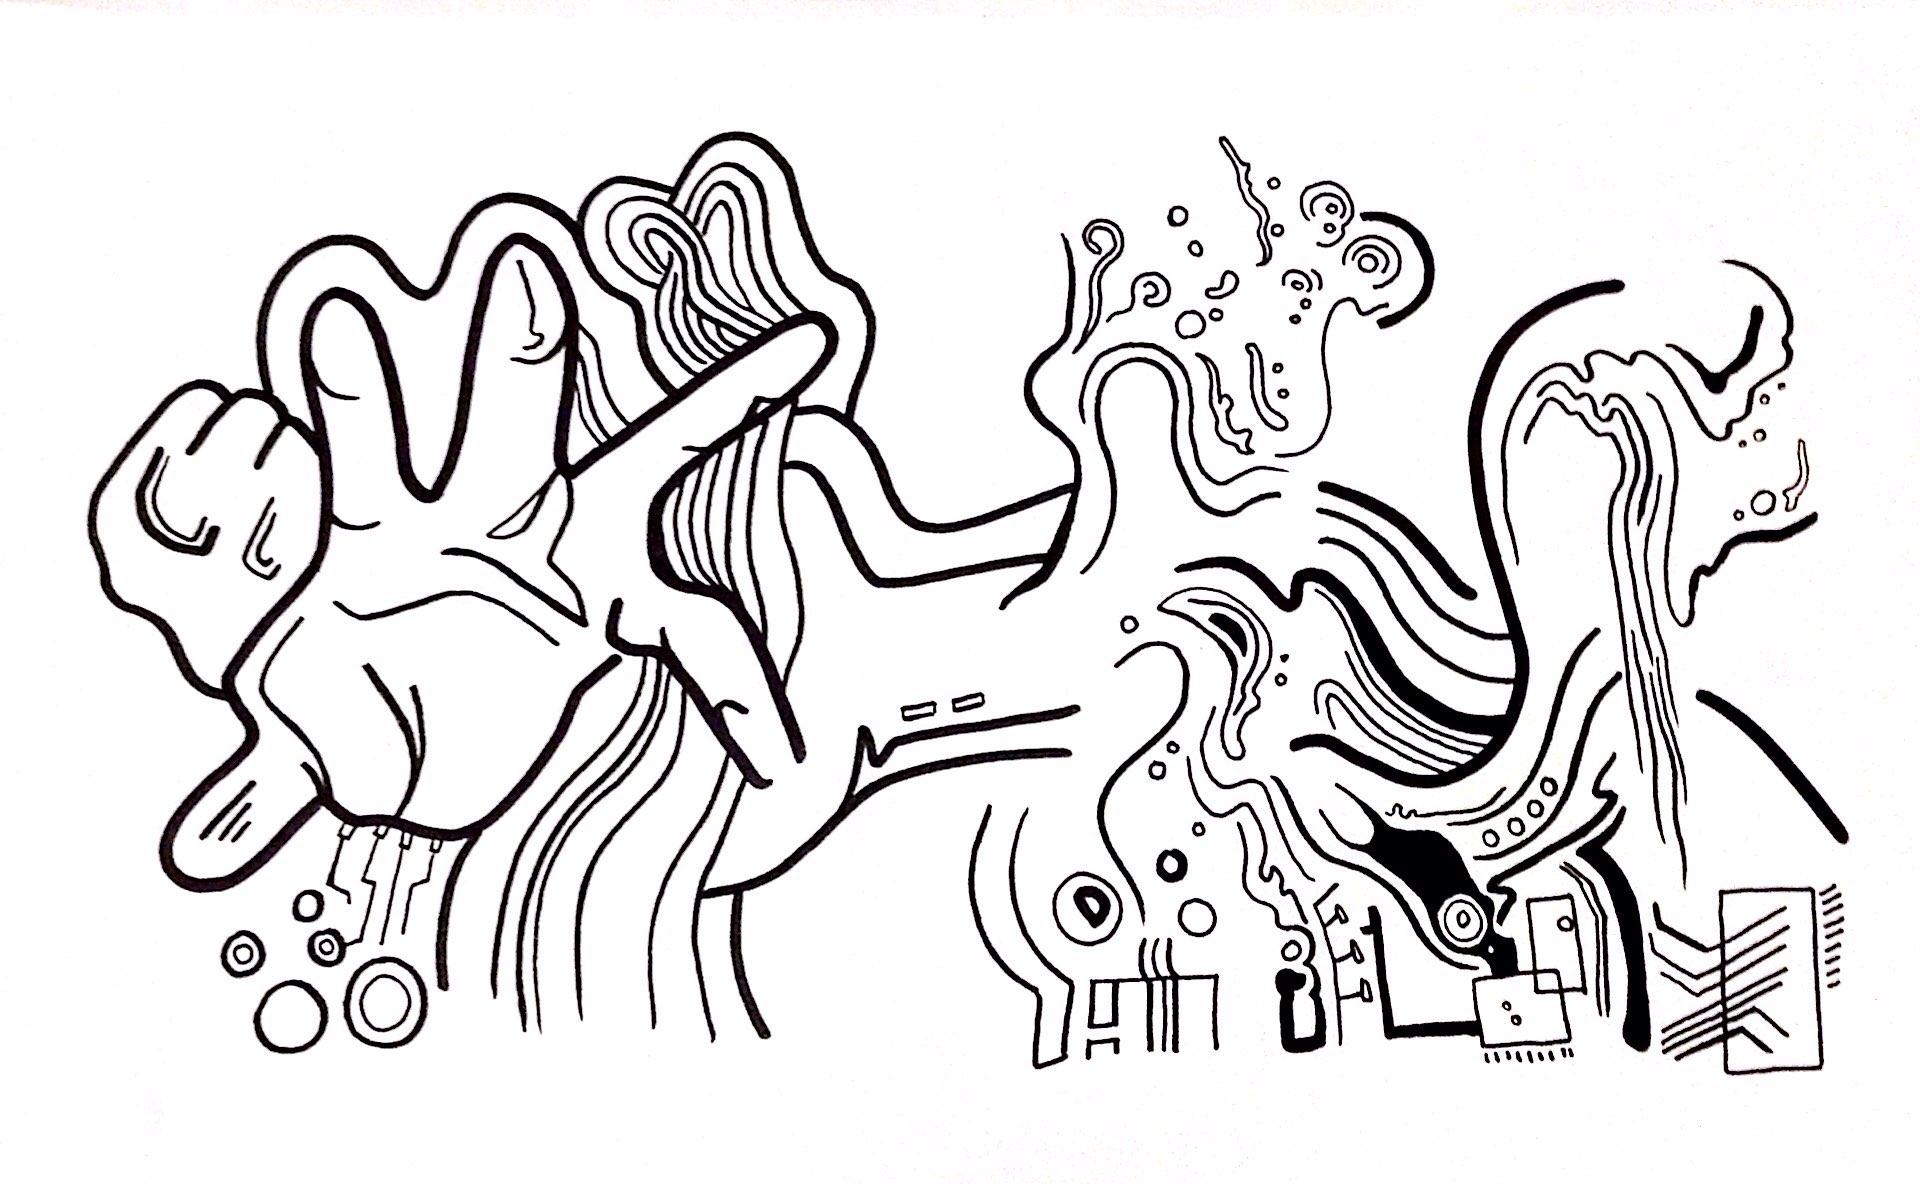 Digital Evolution    By Jocelyn Kang